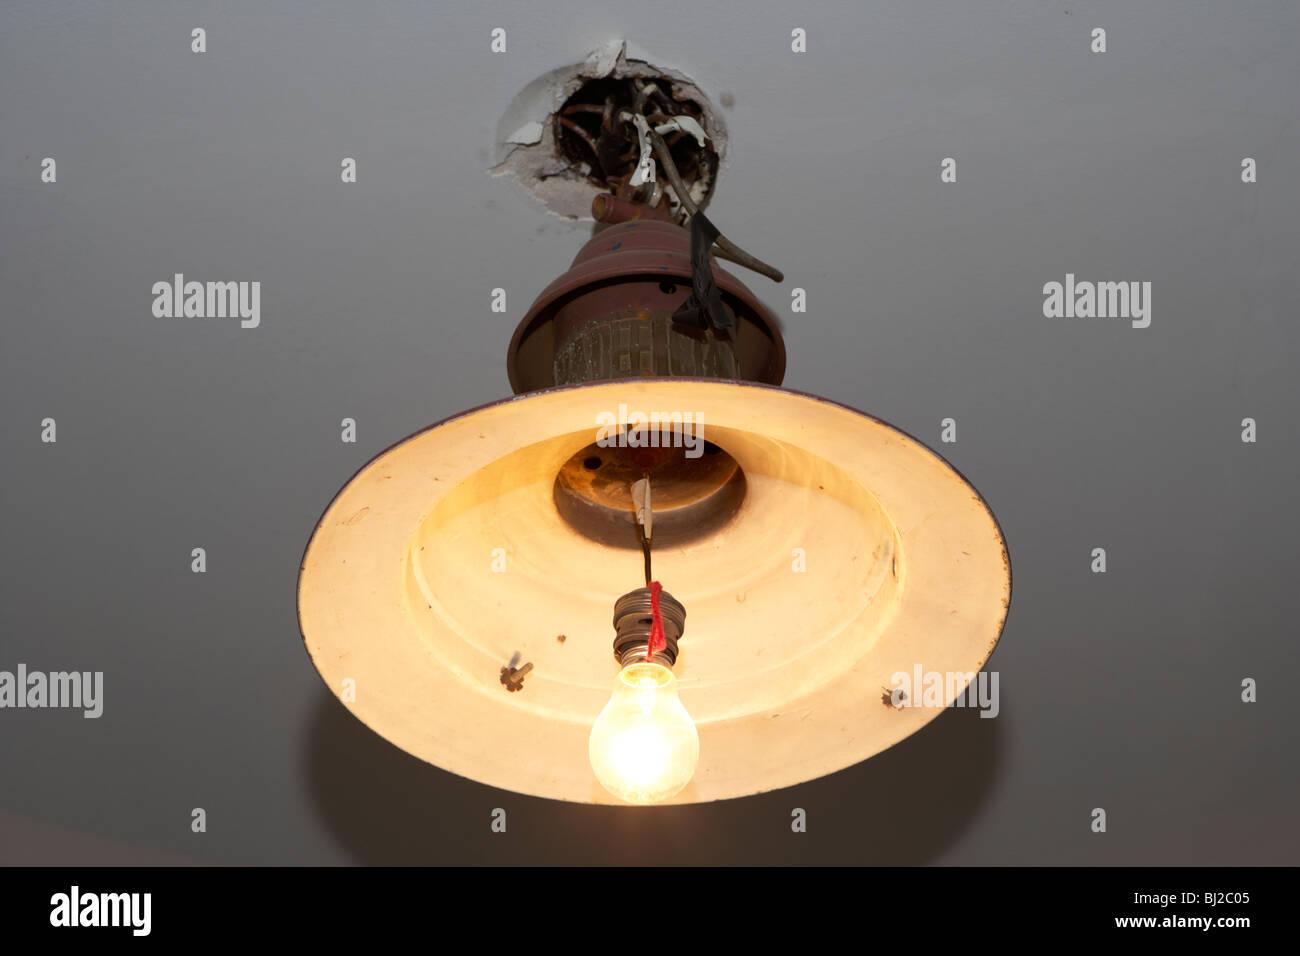 Vecchio pericoloso dodgy cablaggio luce a soffitto con bulbo nudo Immagini Stock